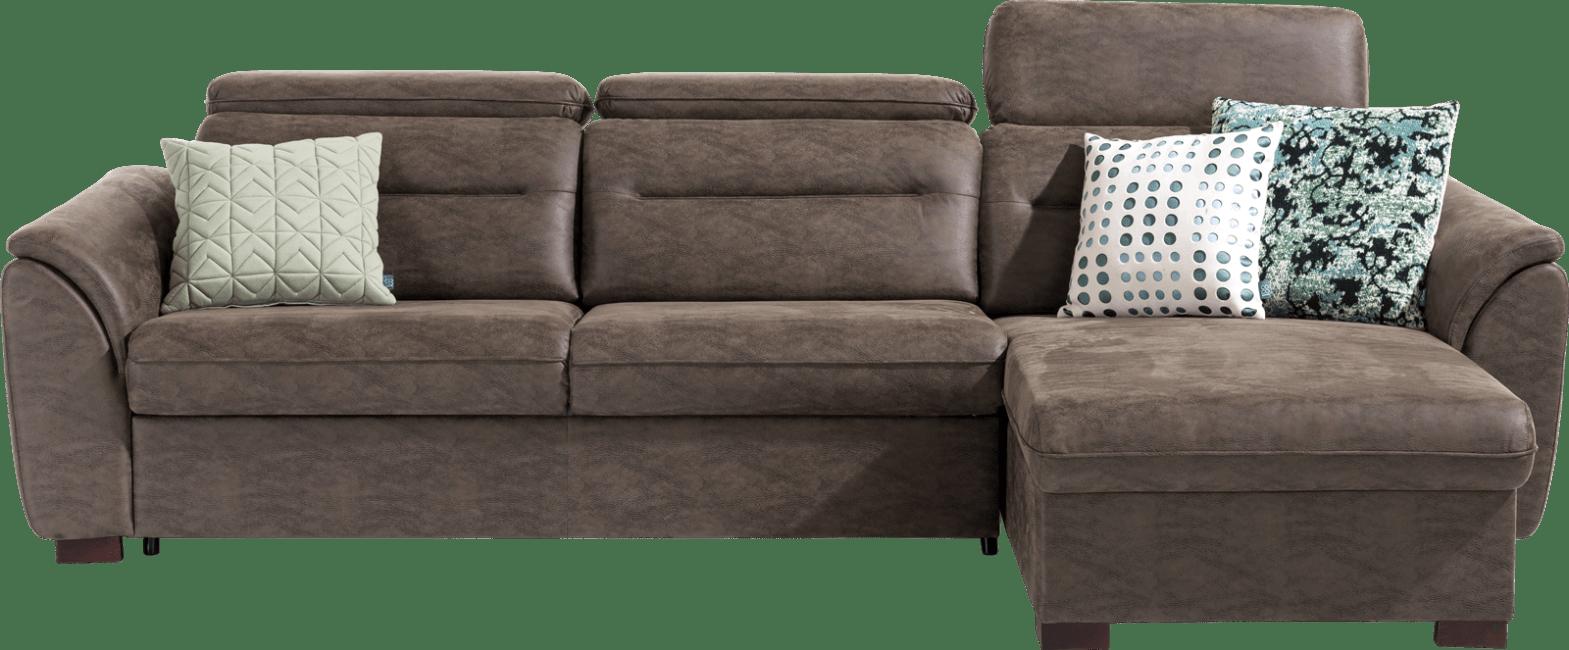 canap lit 2 5 places accoudoir gauche rochelle heth. Black Bedroom Furniture Sets. Home Design Ideas